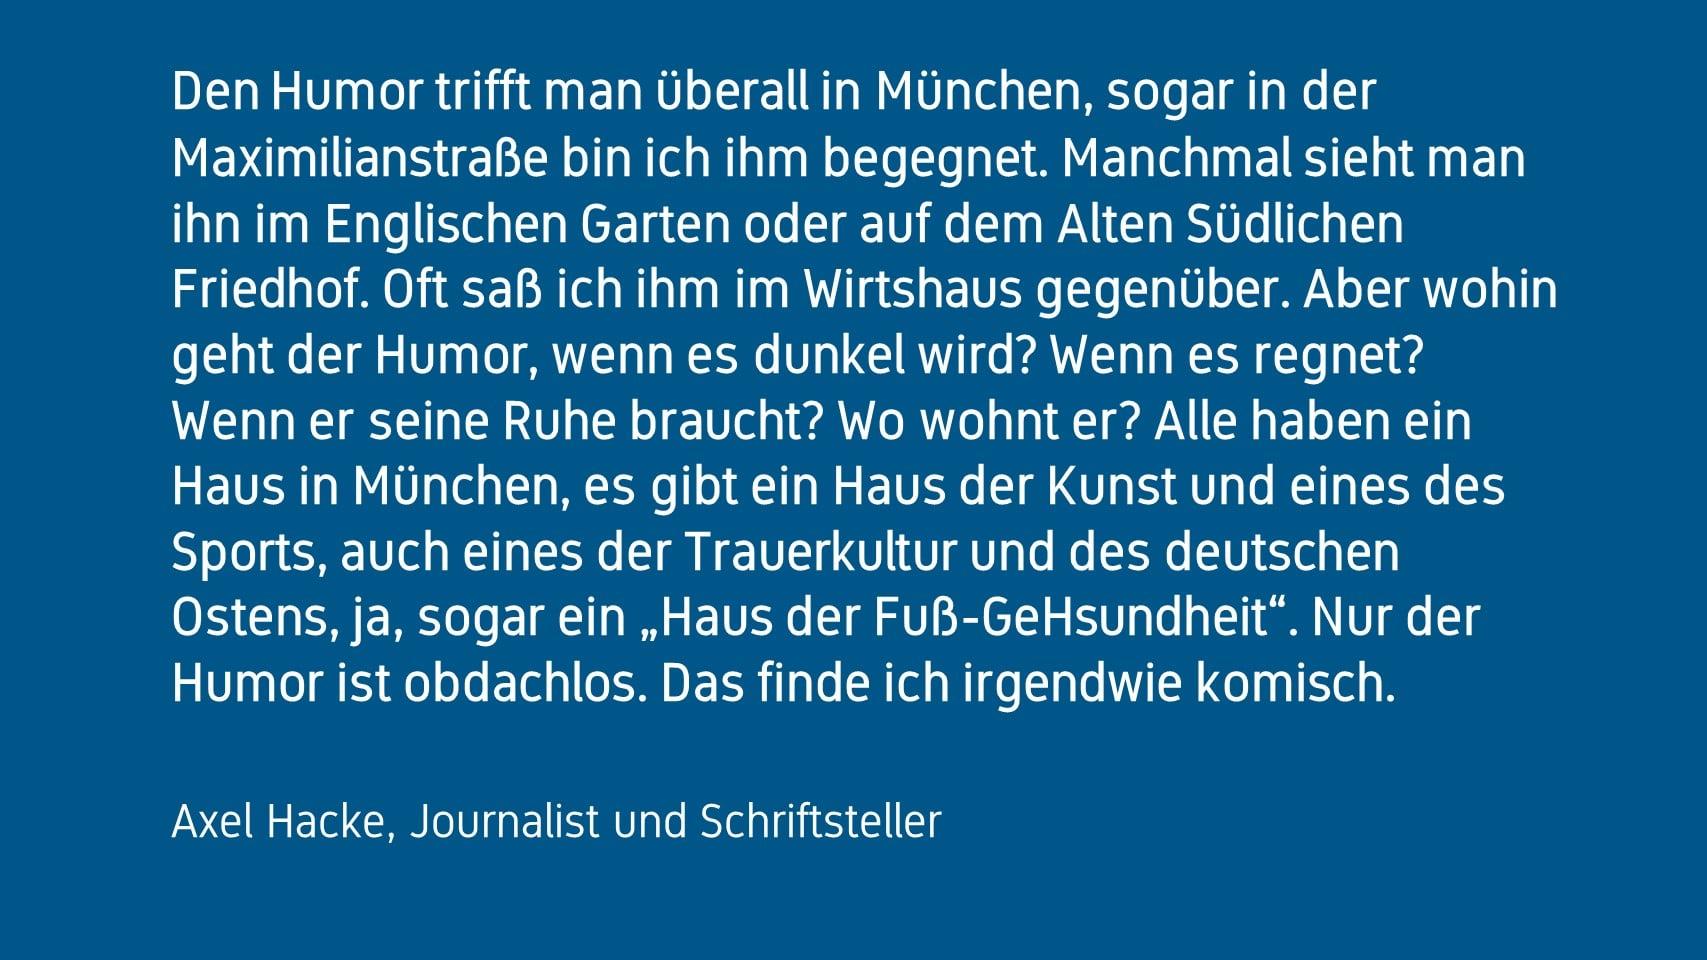 Axel Hacke zum Forum Humor München